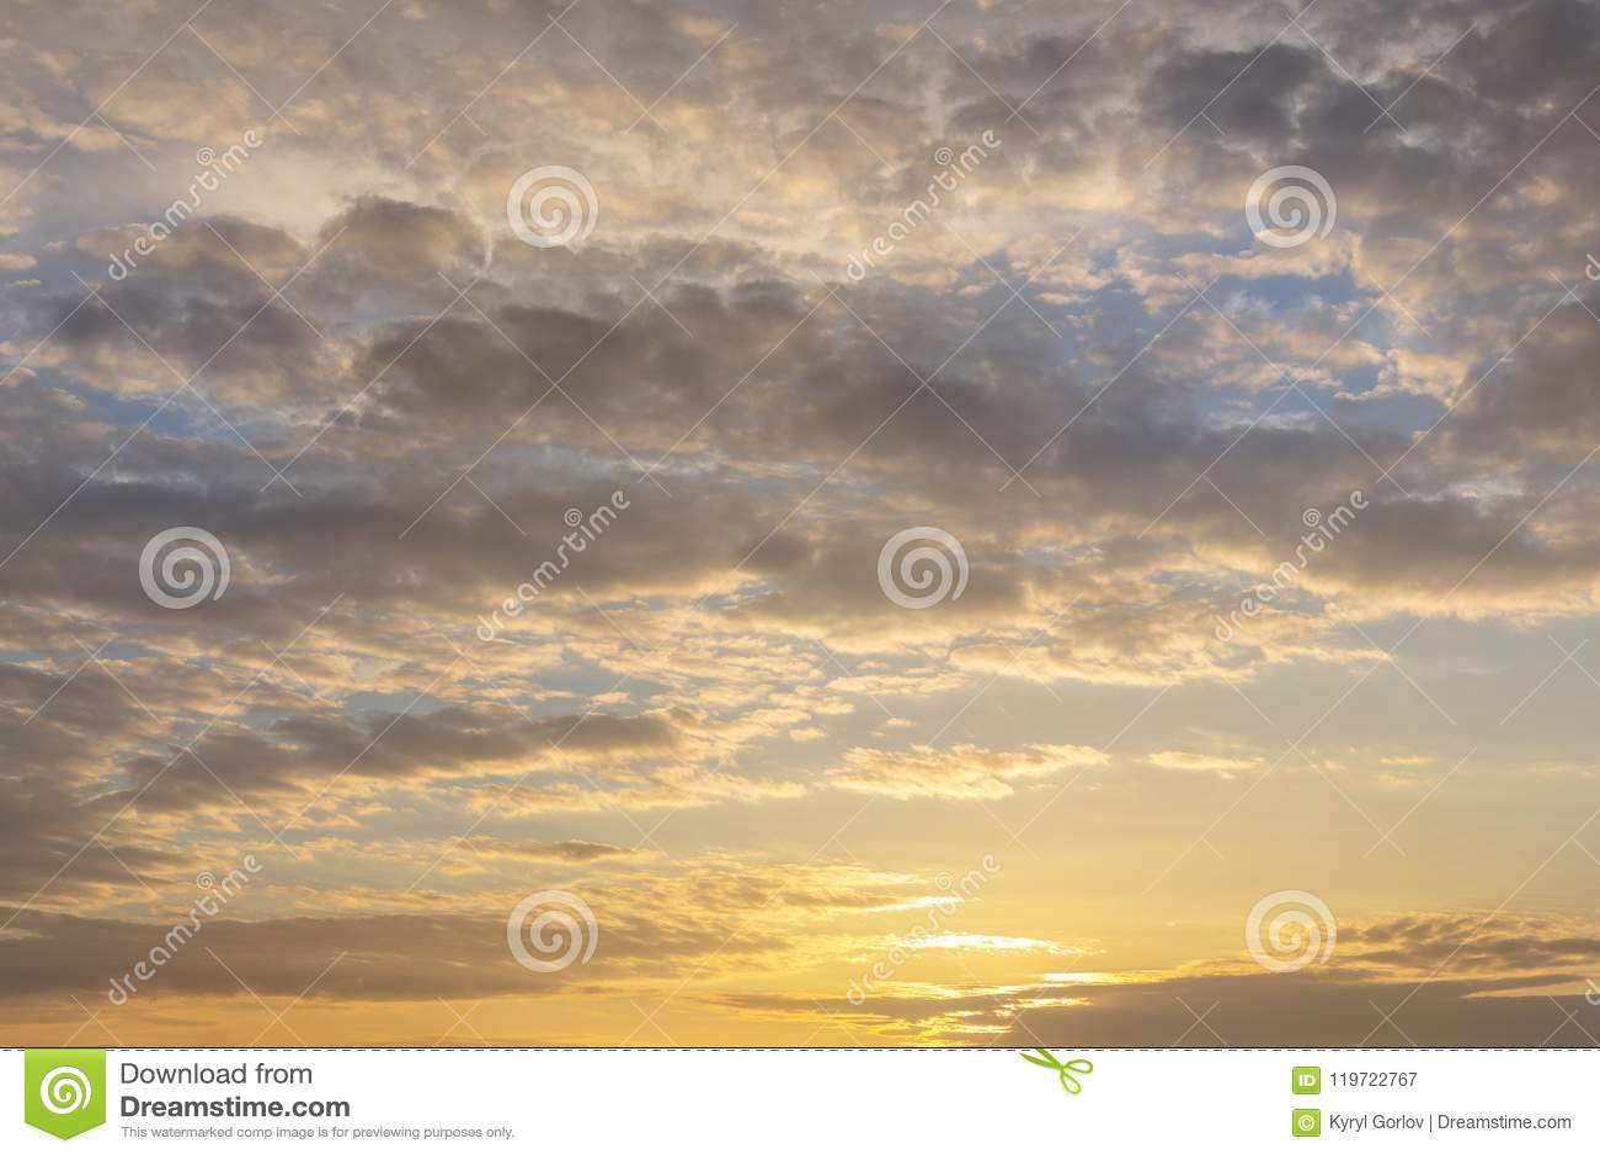 Coucher du soleil ou lever de soleil naturel avec des couleurs vibrantes Fond coloré dramatique de ciel Contraste doux